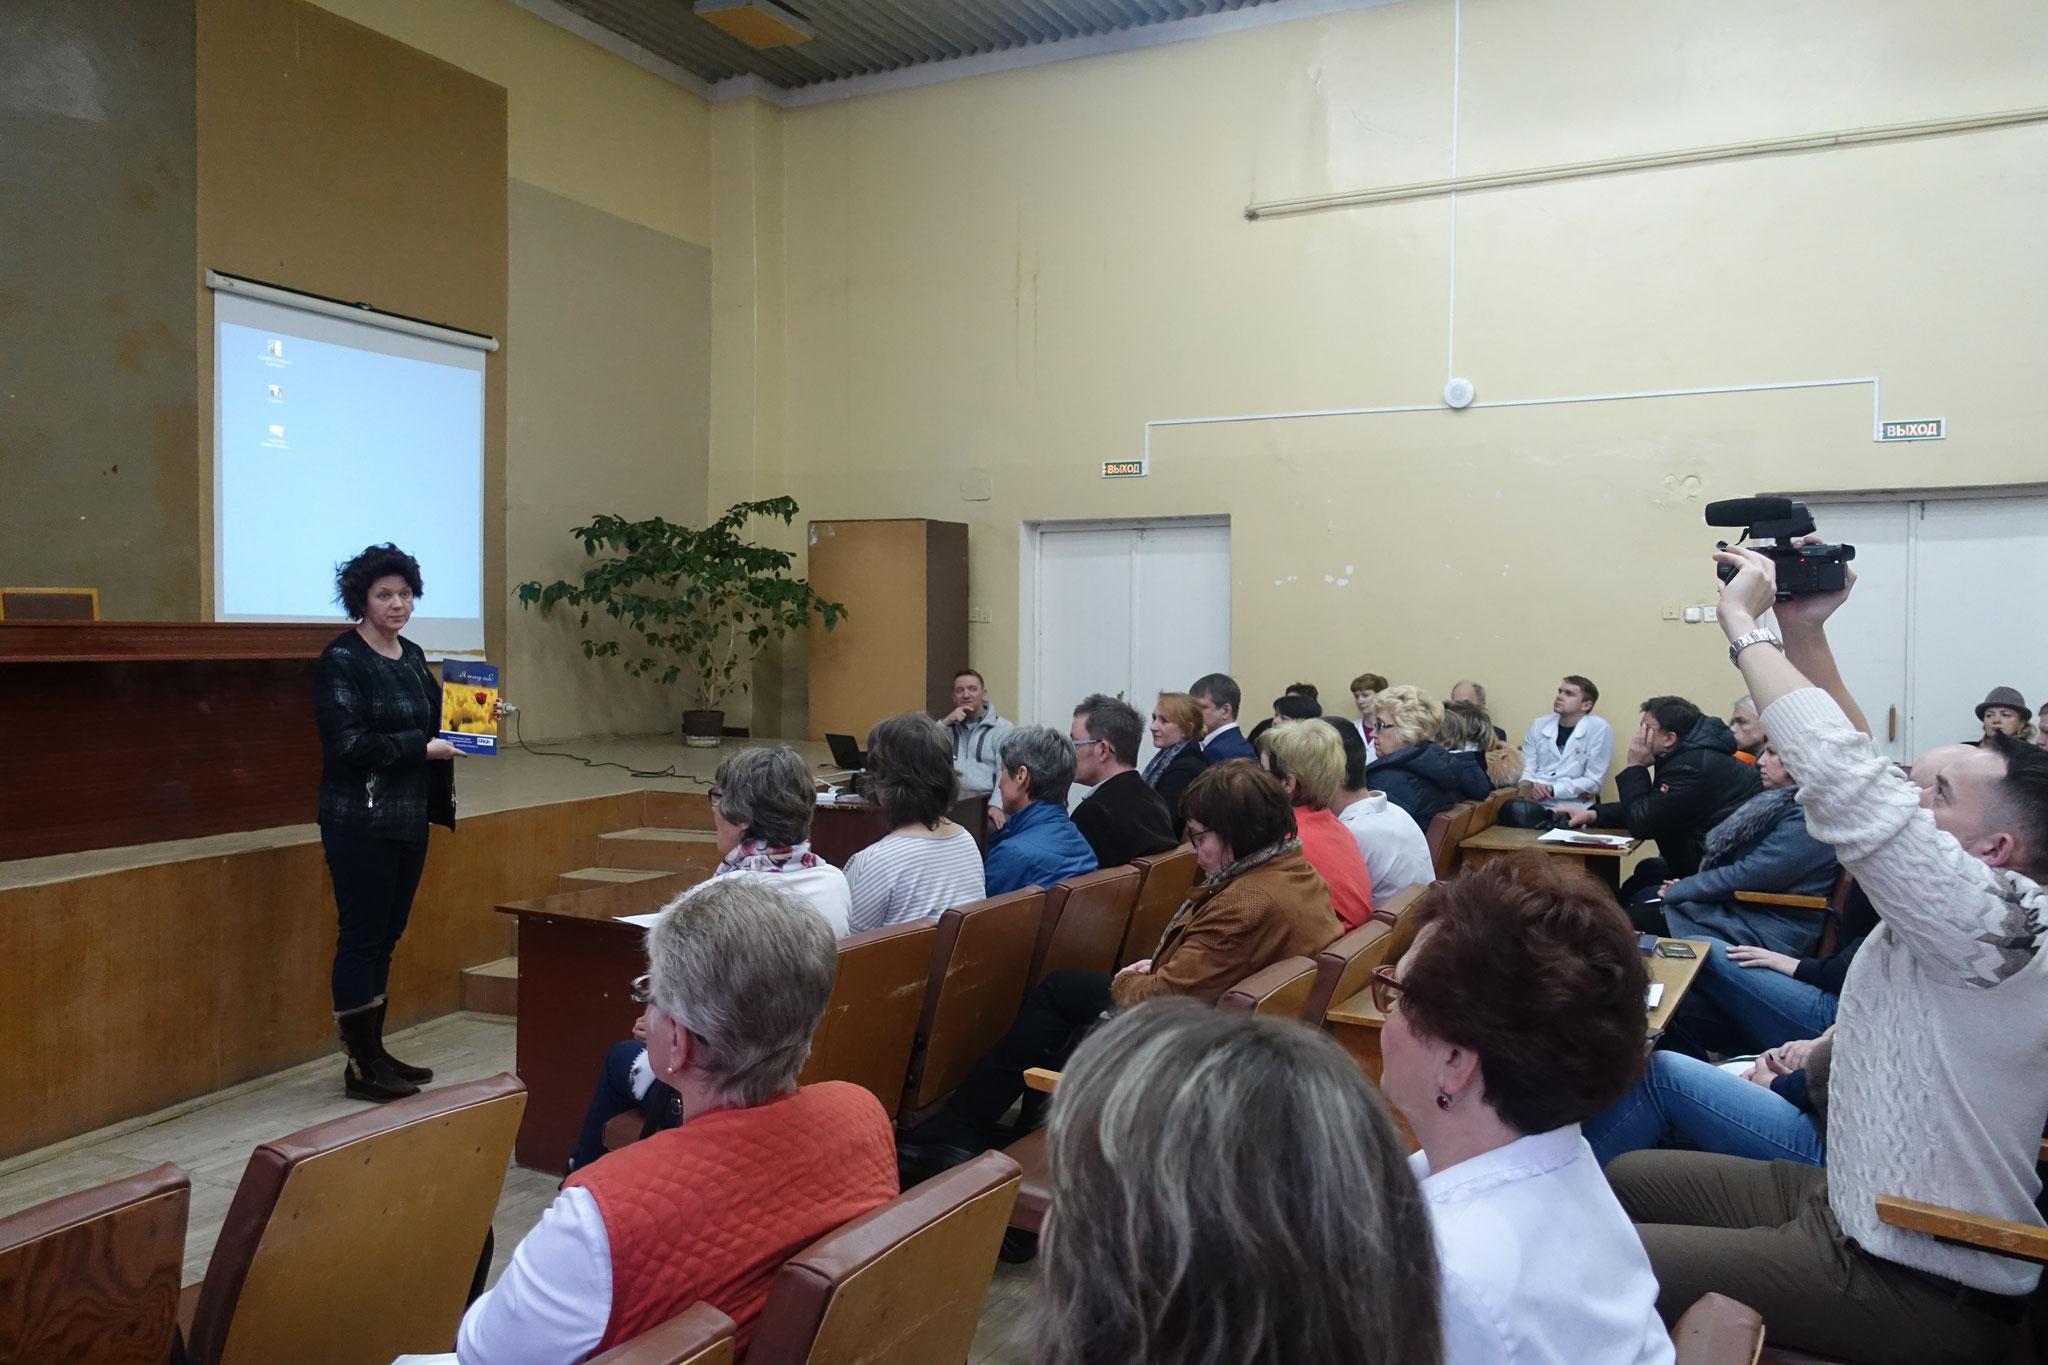 Präsentation der Handreichung vor dem Ärzte und Mitarbeiterteam im Auditorium der der Poliklinik